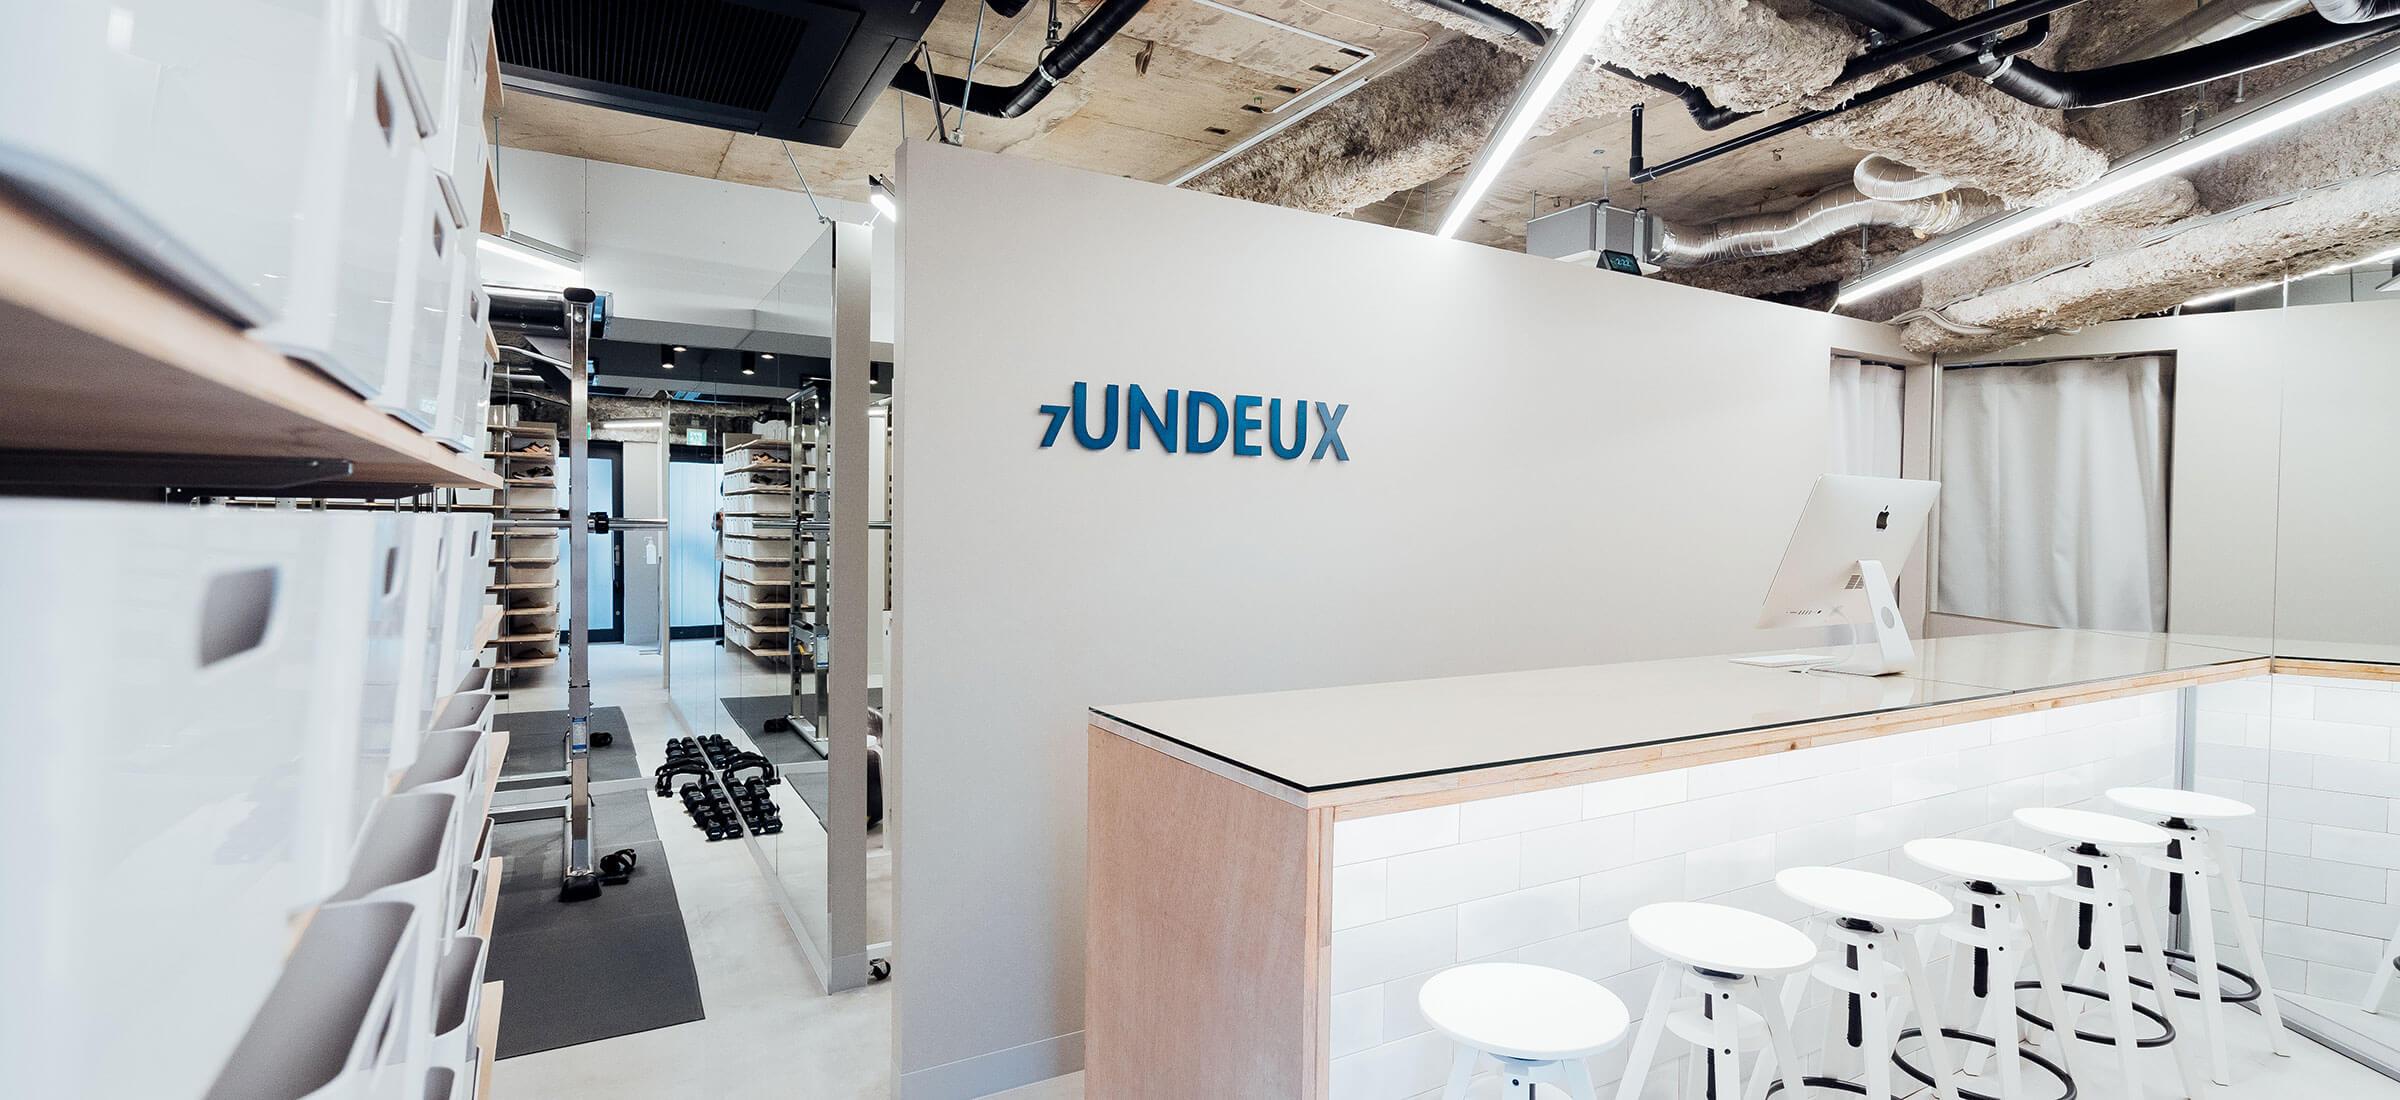 UNDEUX横浜スタジオのカウンタースペース